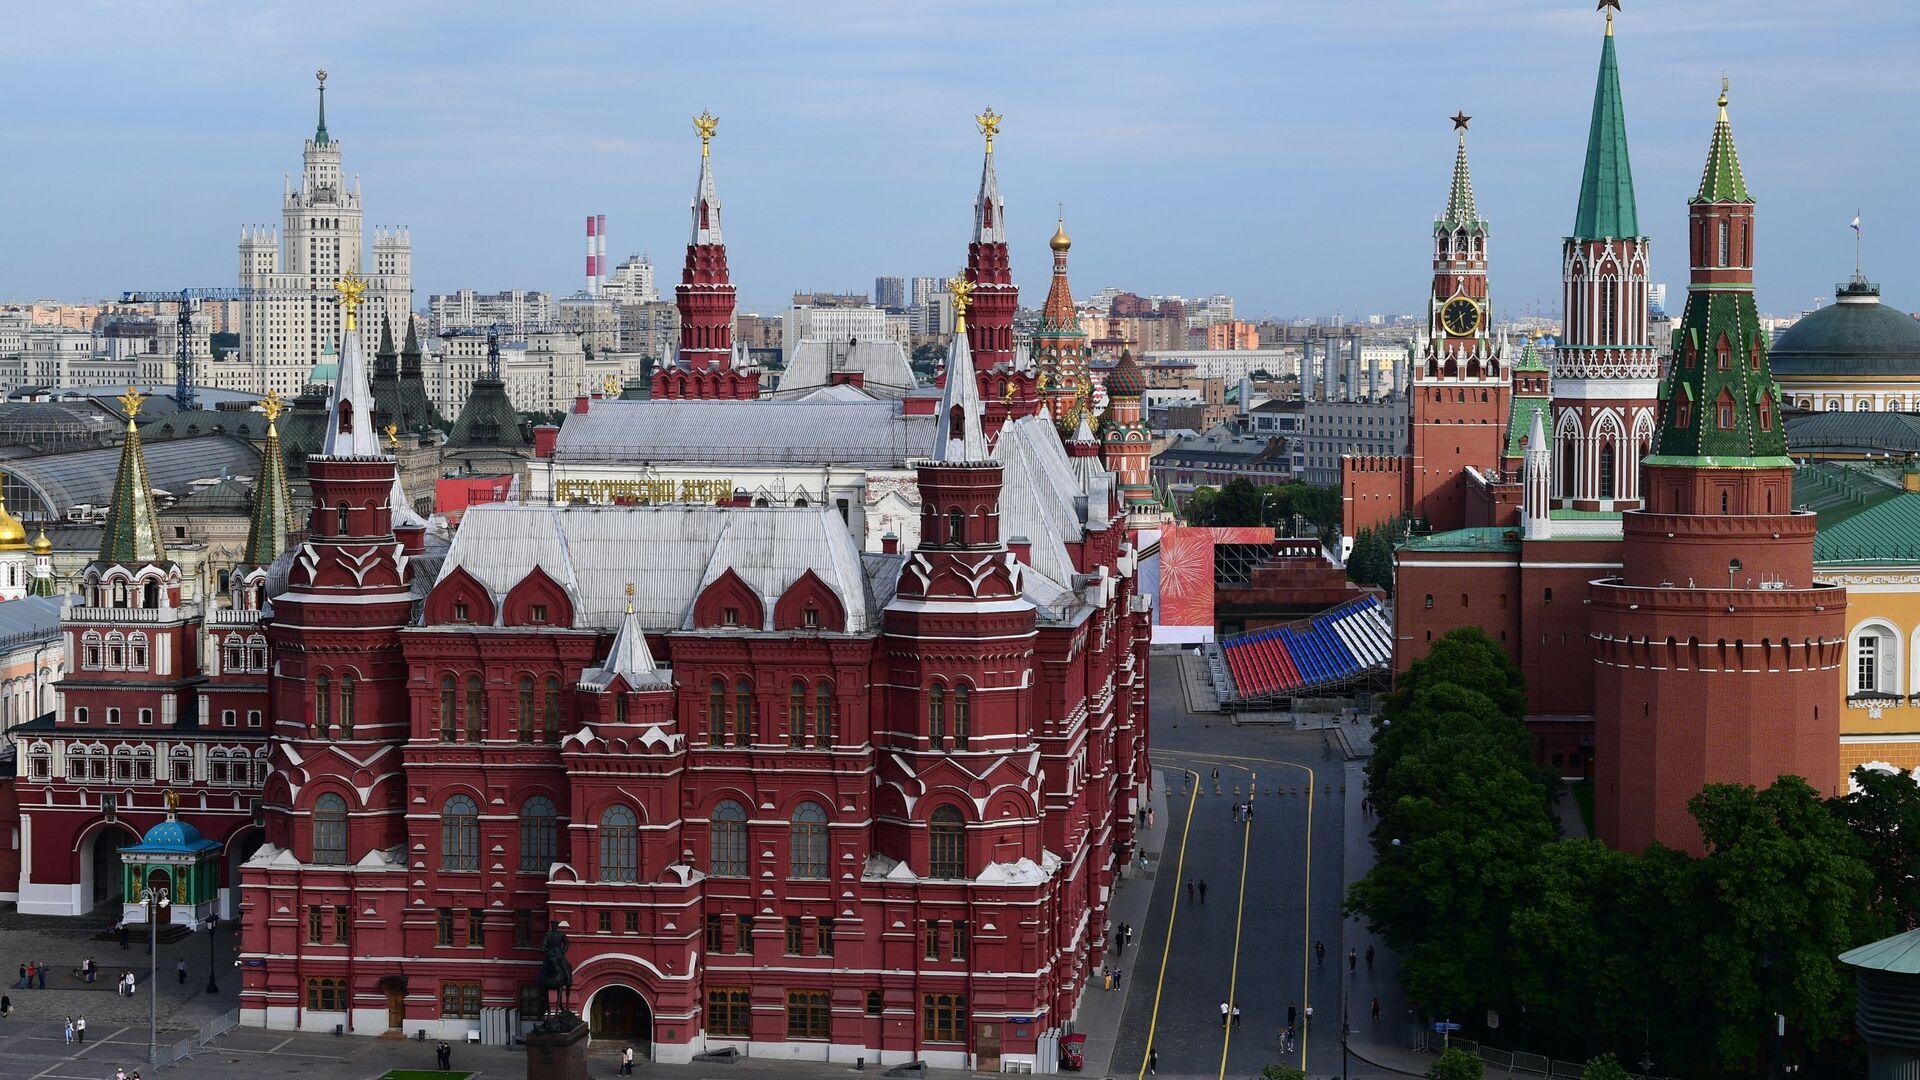 Вид на Кремль в центре Москвы, фото из архива - Sputnik Азербайджан, 1920, 13.10.2021